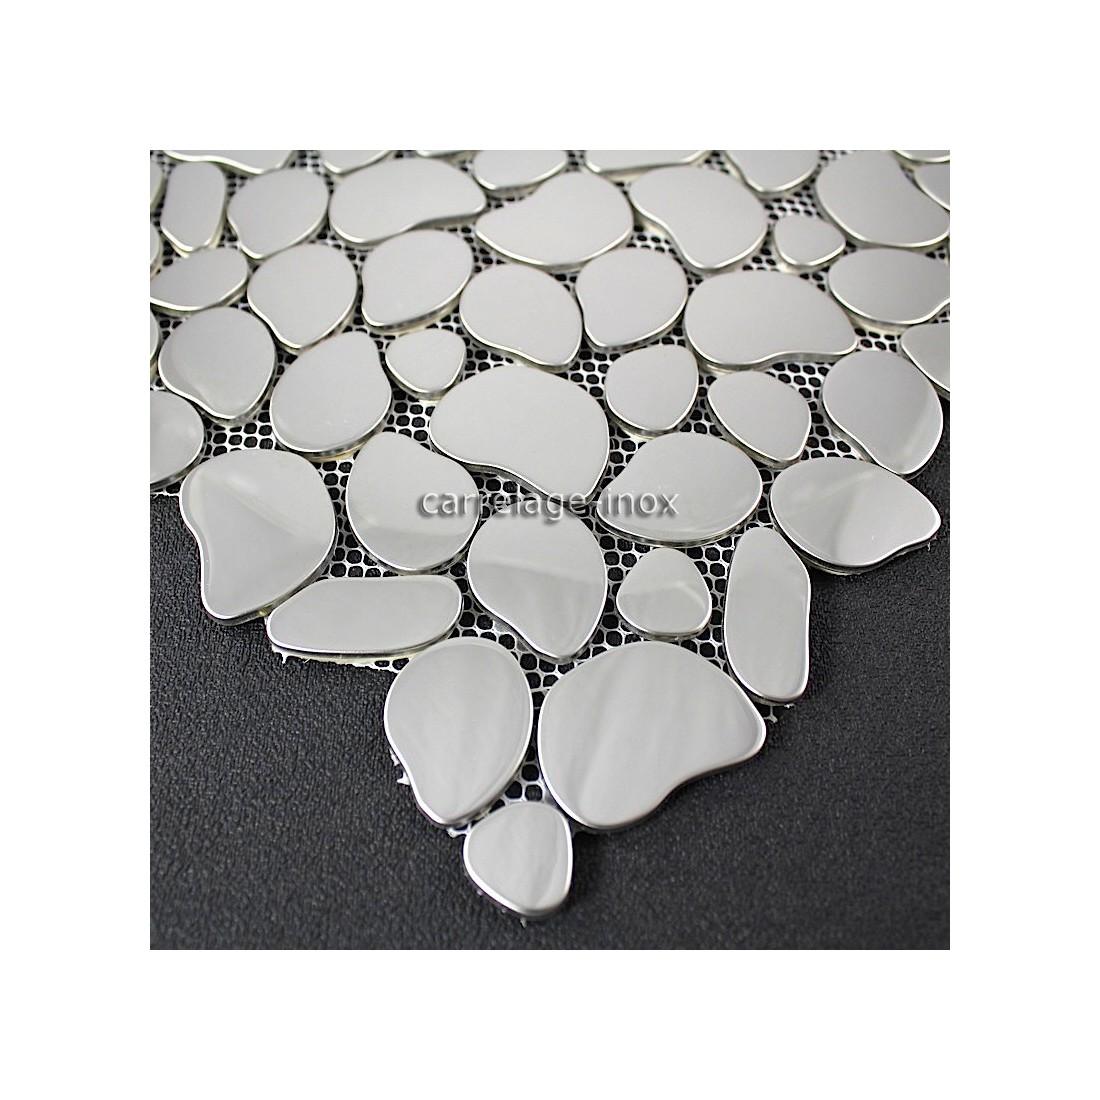 Mosaique inox miroir mosaique cr dence cuisine galet for Credence inox miroir cuisine